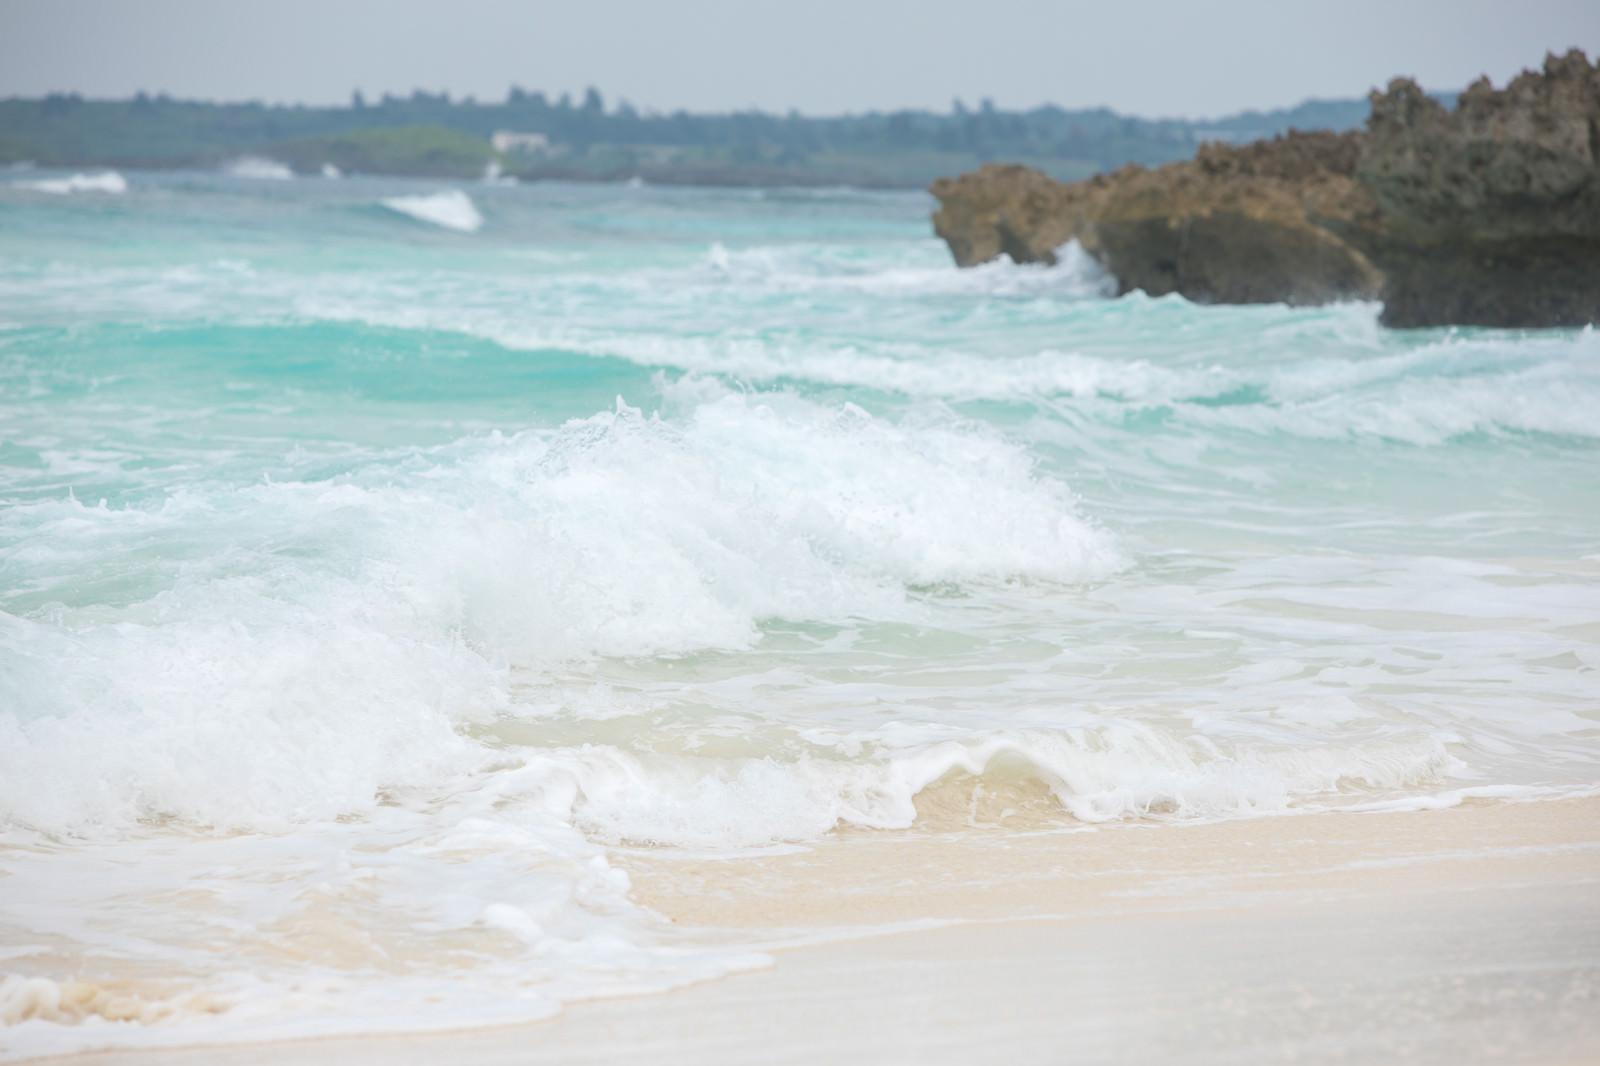 「波が高い宮古島の海」の写真